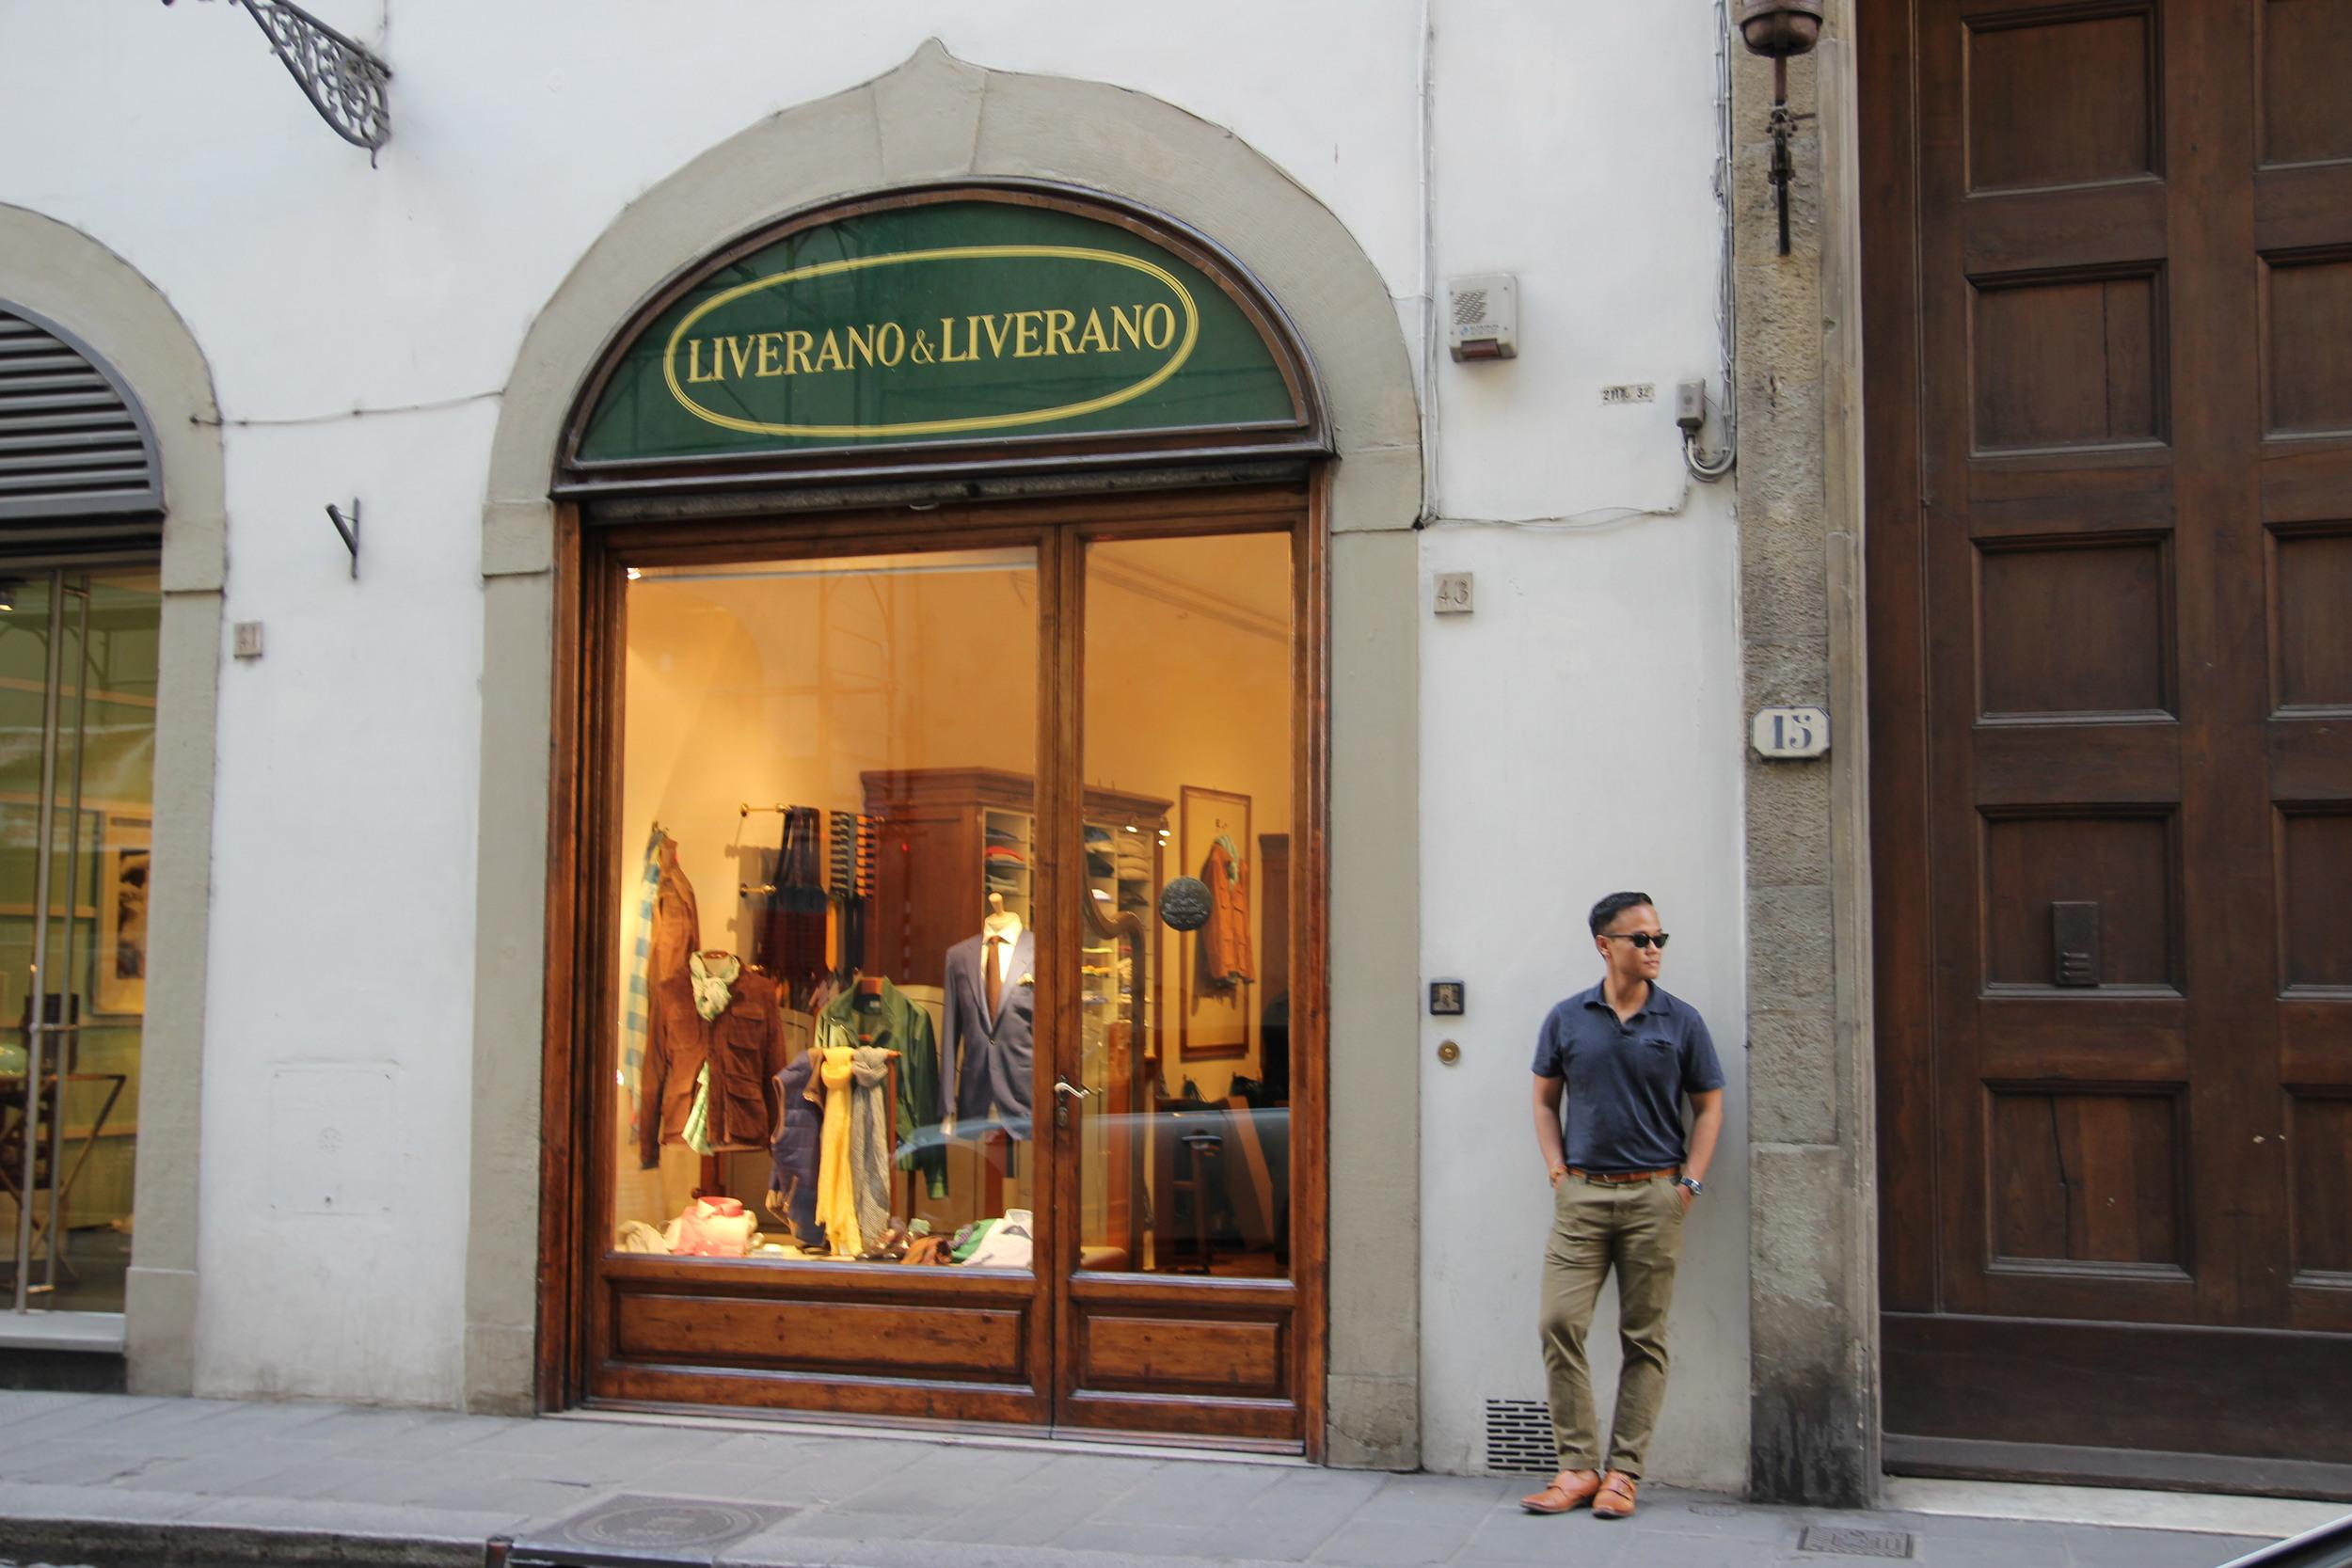 FLORENCE  Jon pays pilgrimage to the Sartorio di Liverano & Liverano.